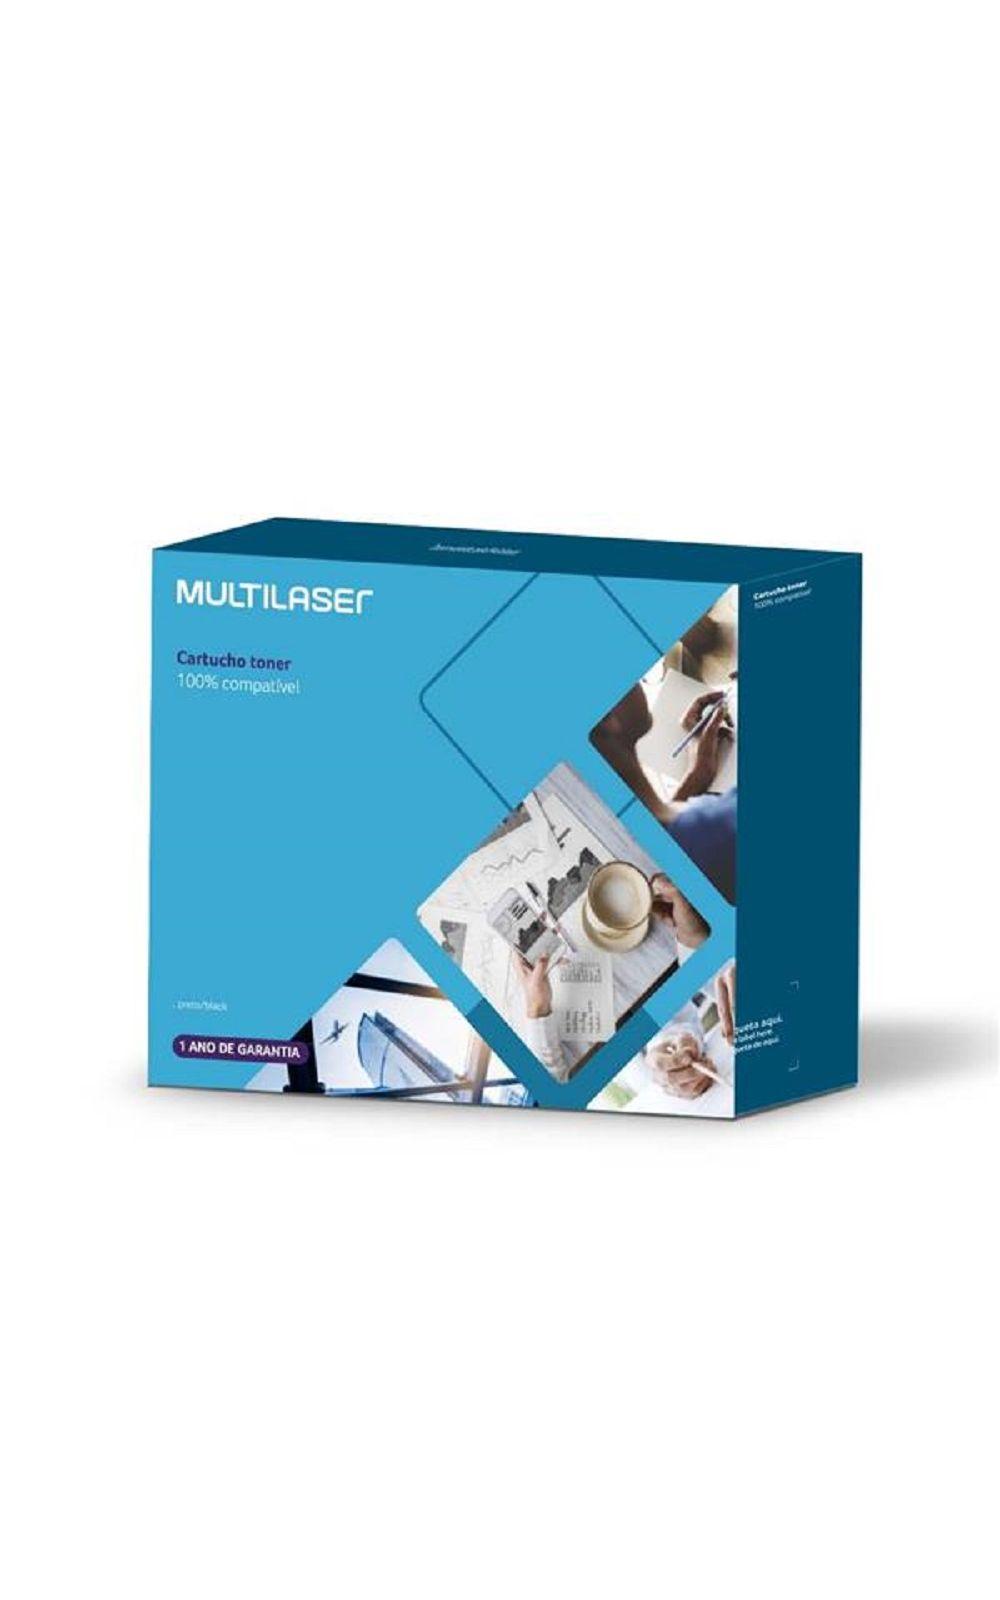 Foto 1 - Cartucho Toner Compatível C/ Hp Mod. Cb541A/Ce321A/Cf211A Multilaser - CT005